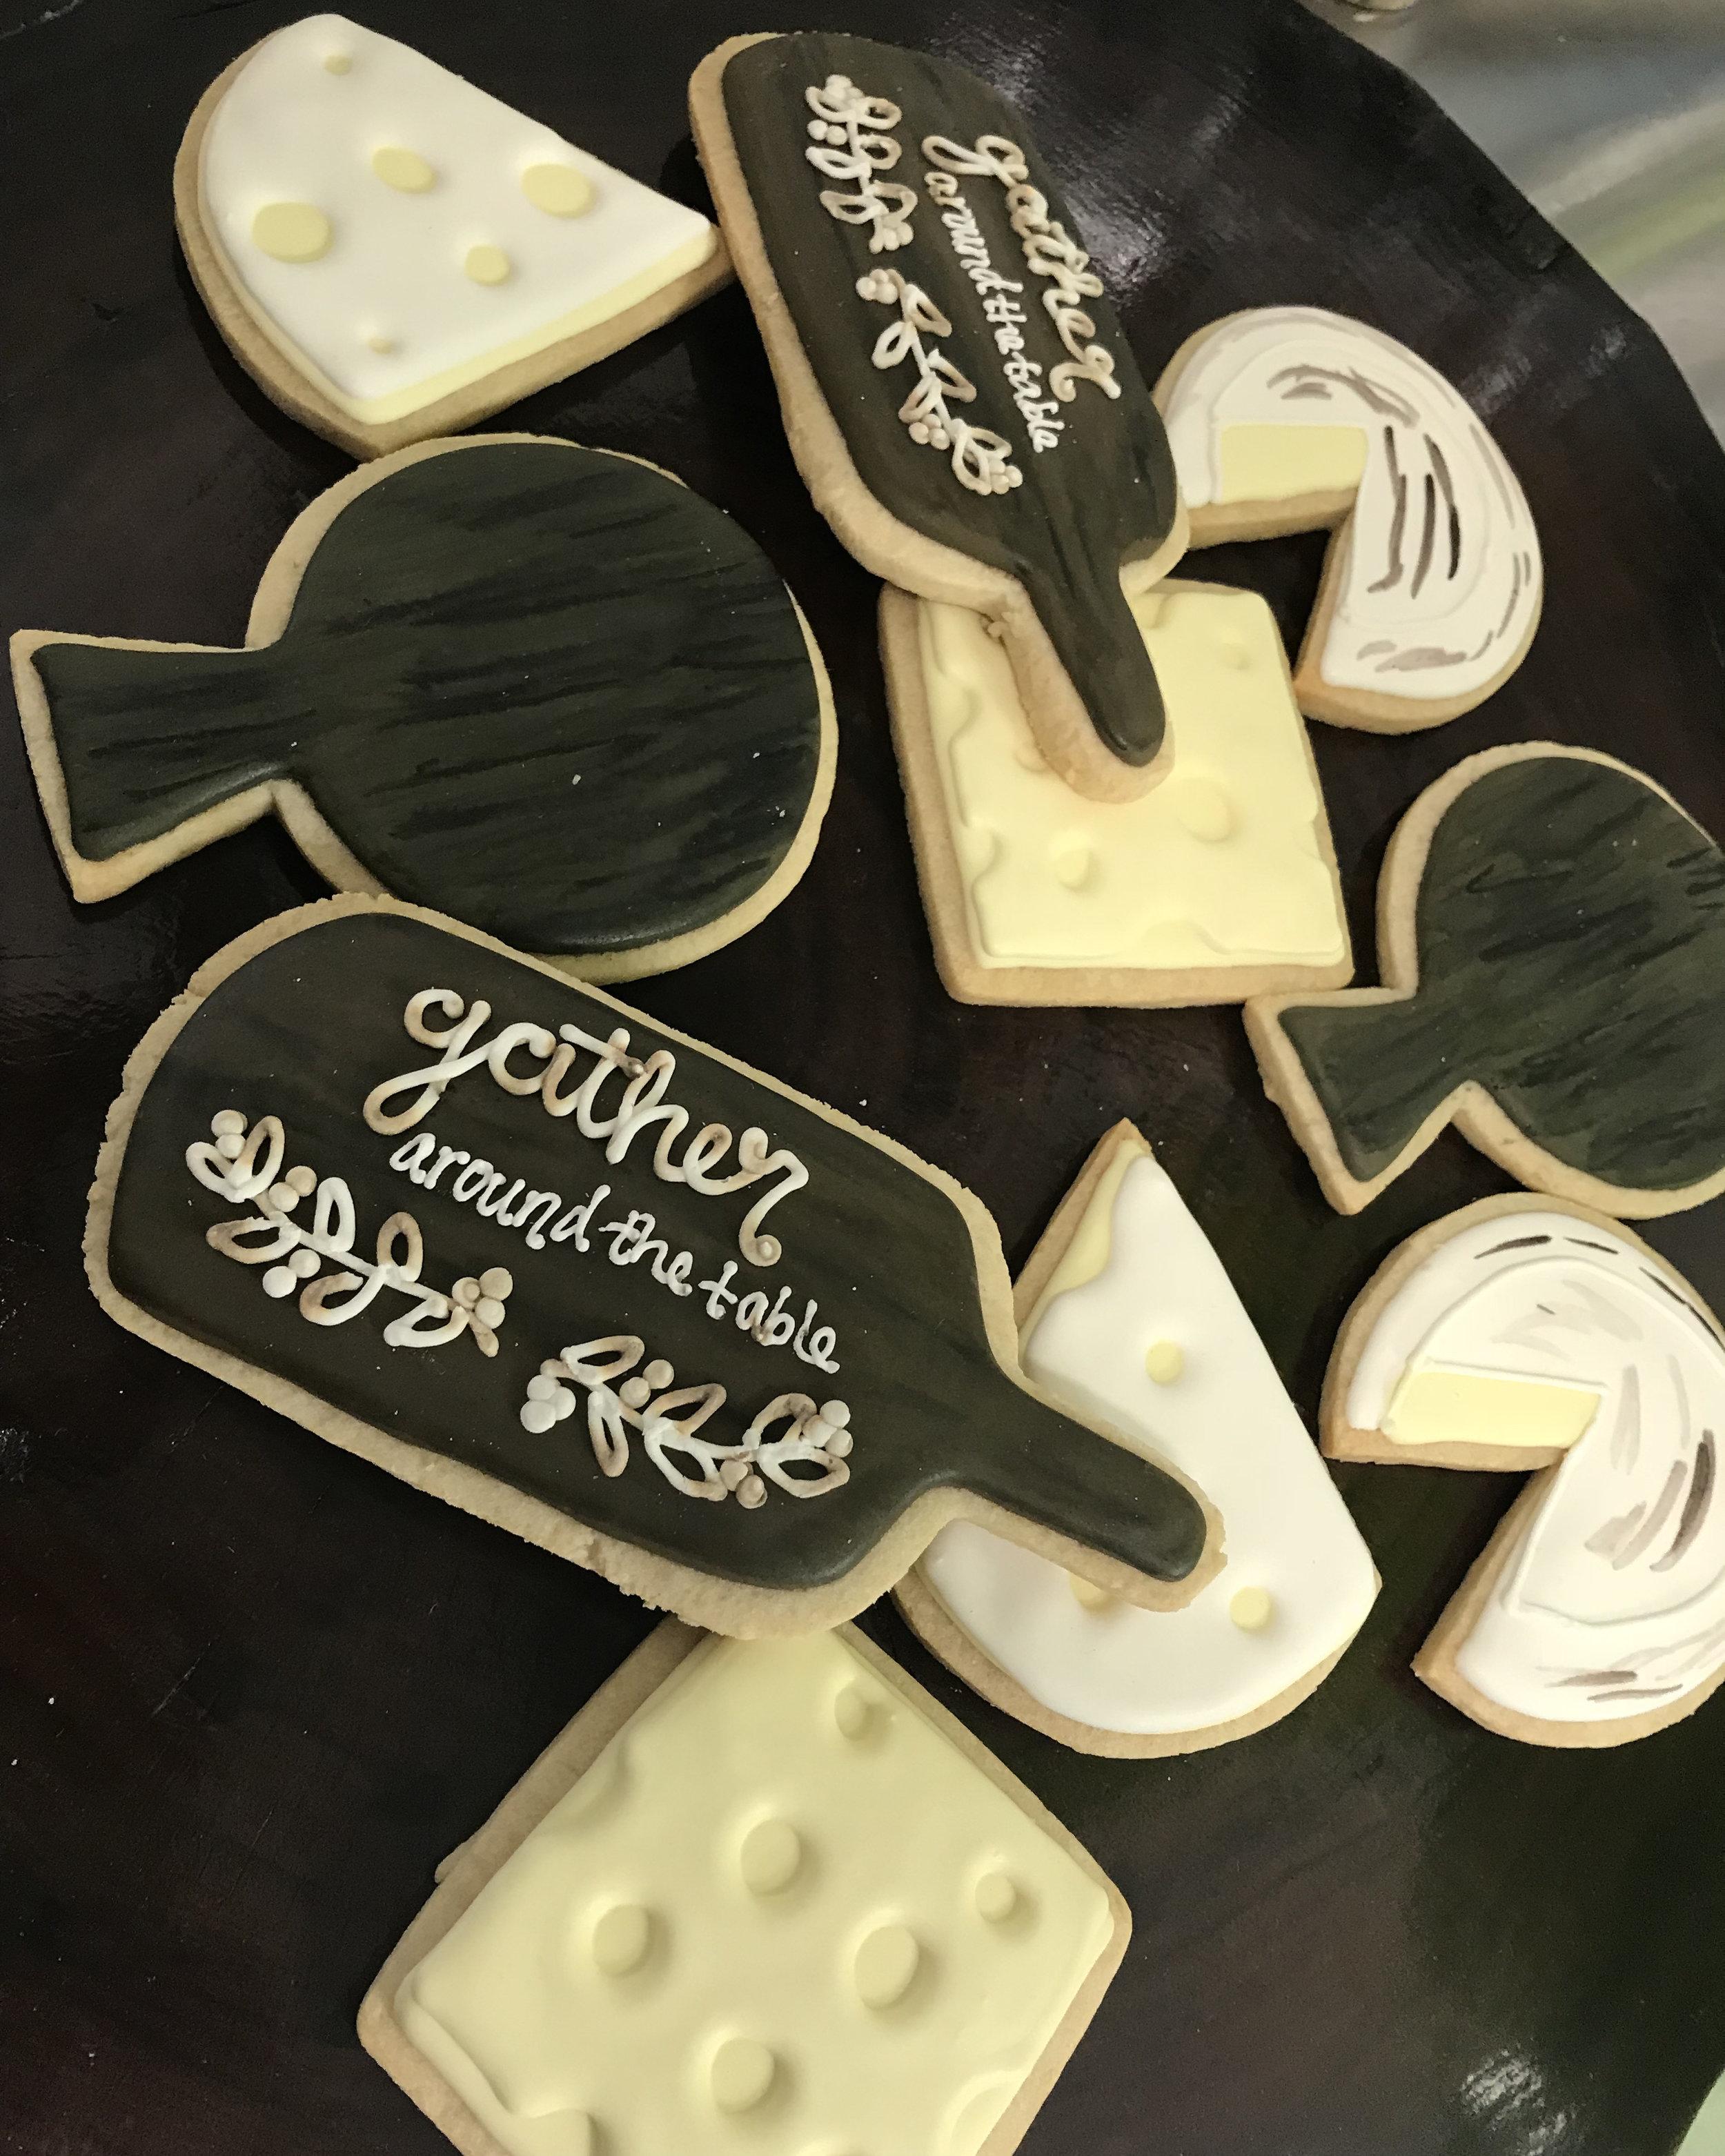 cheeseboard-cookies-sugarbeesweets.jpg